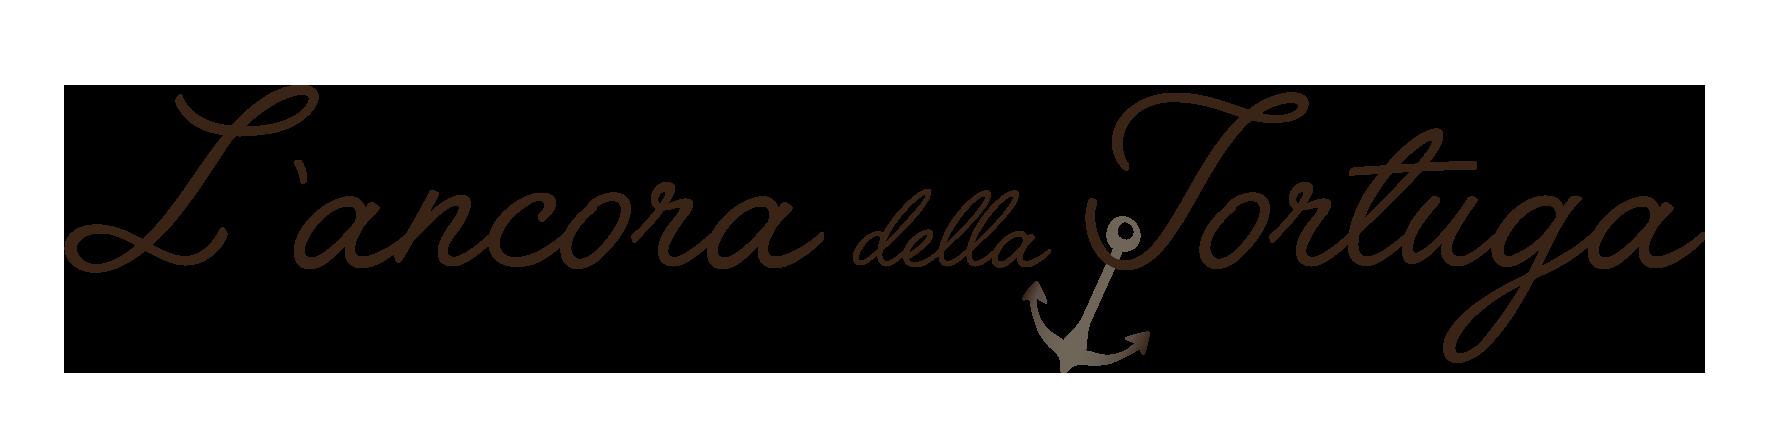 L'Ancora della Tortuga logo